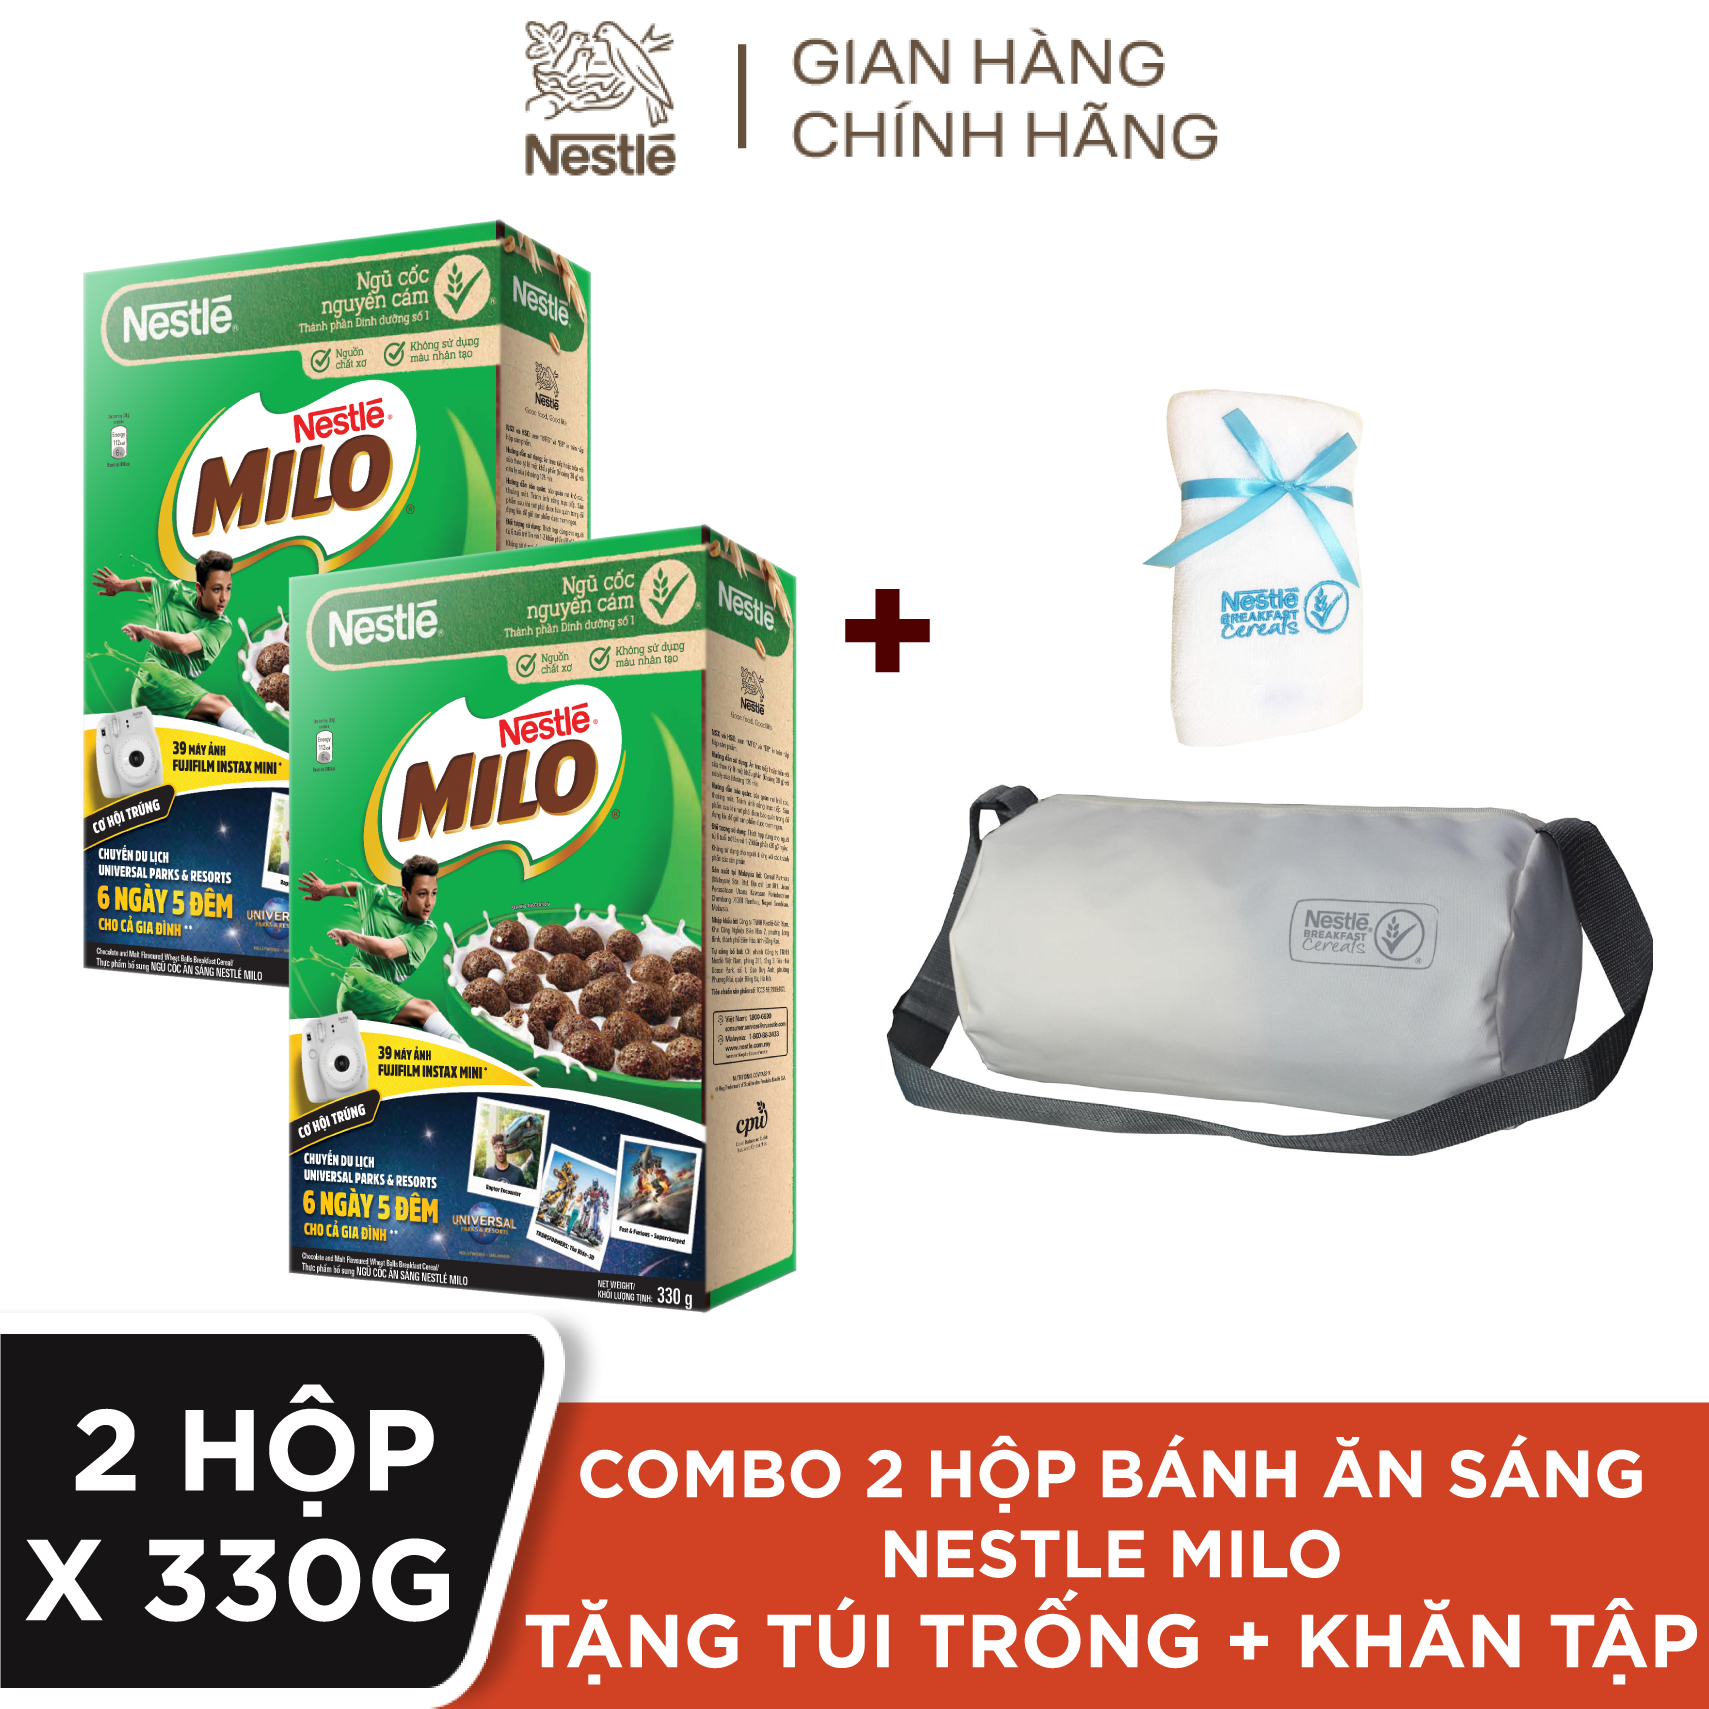 [Tặng Combo 1 túi trống thể thao + 1 khăn tập gym] 2 Hộp Ngũ cốc ăn sáng Nestlé MILO – Hộp 330g